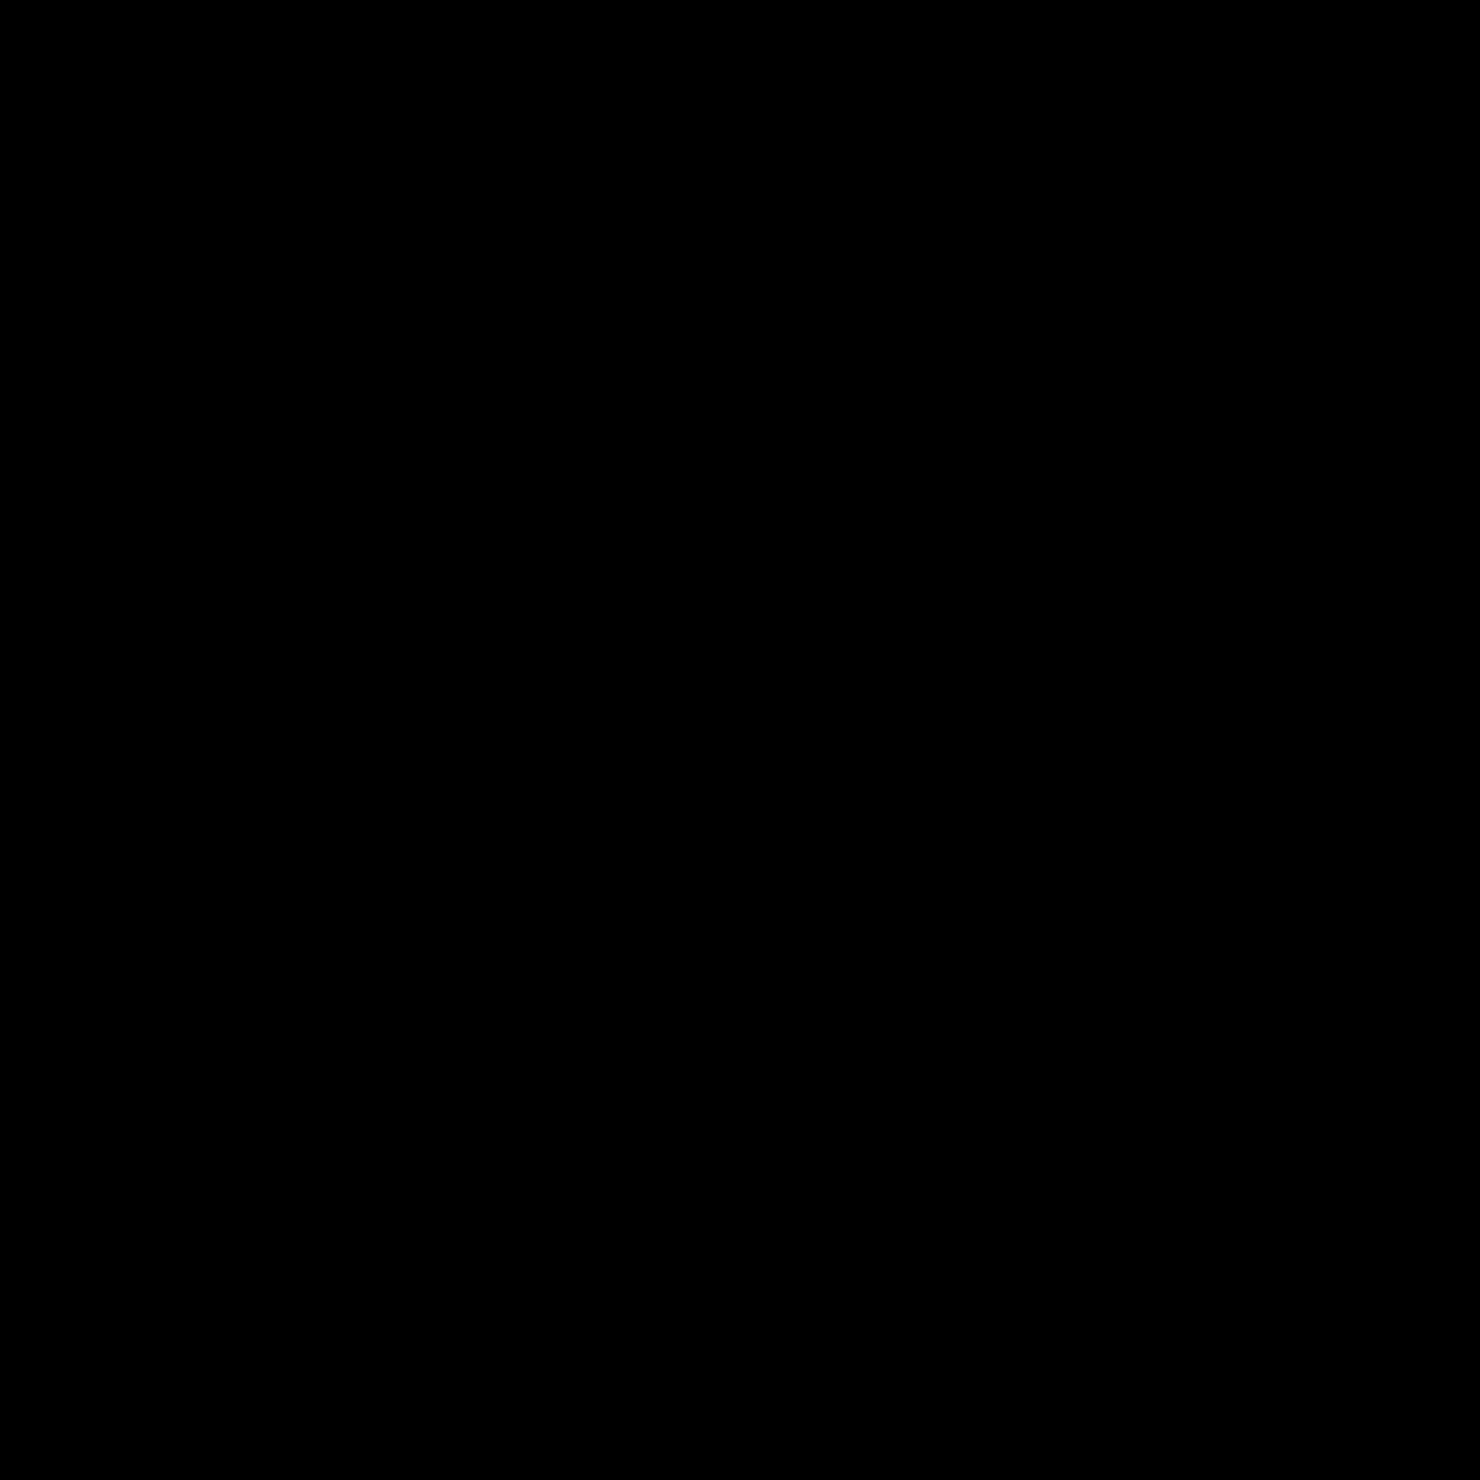 McKeeRisk_Icons2-04